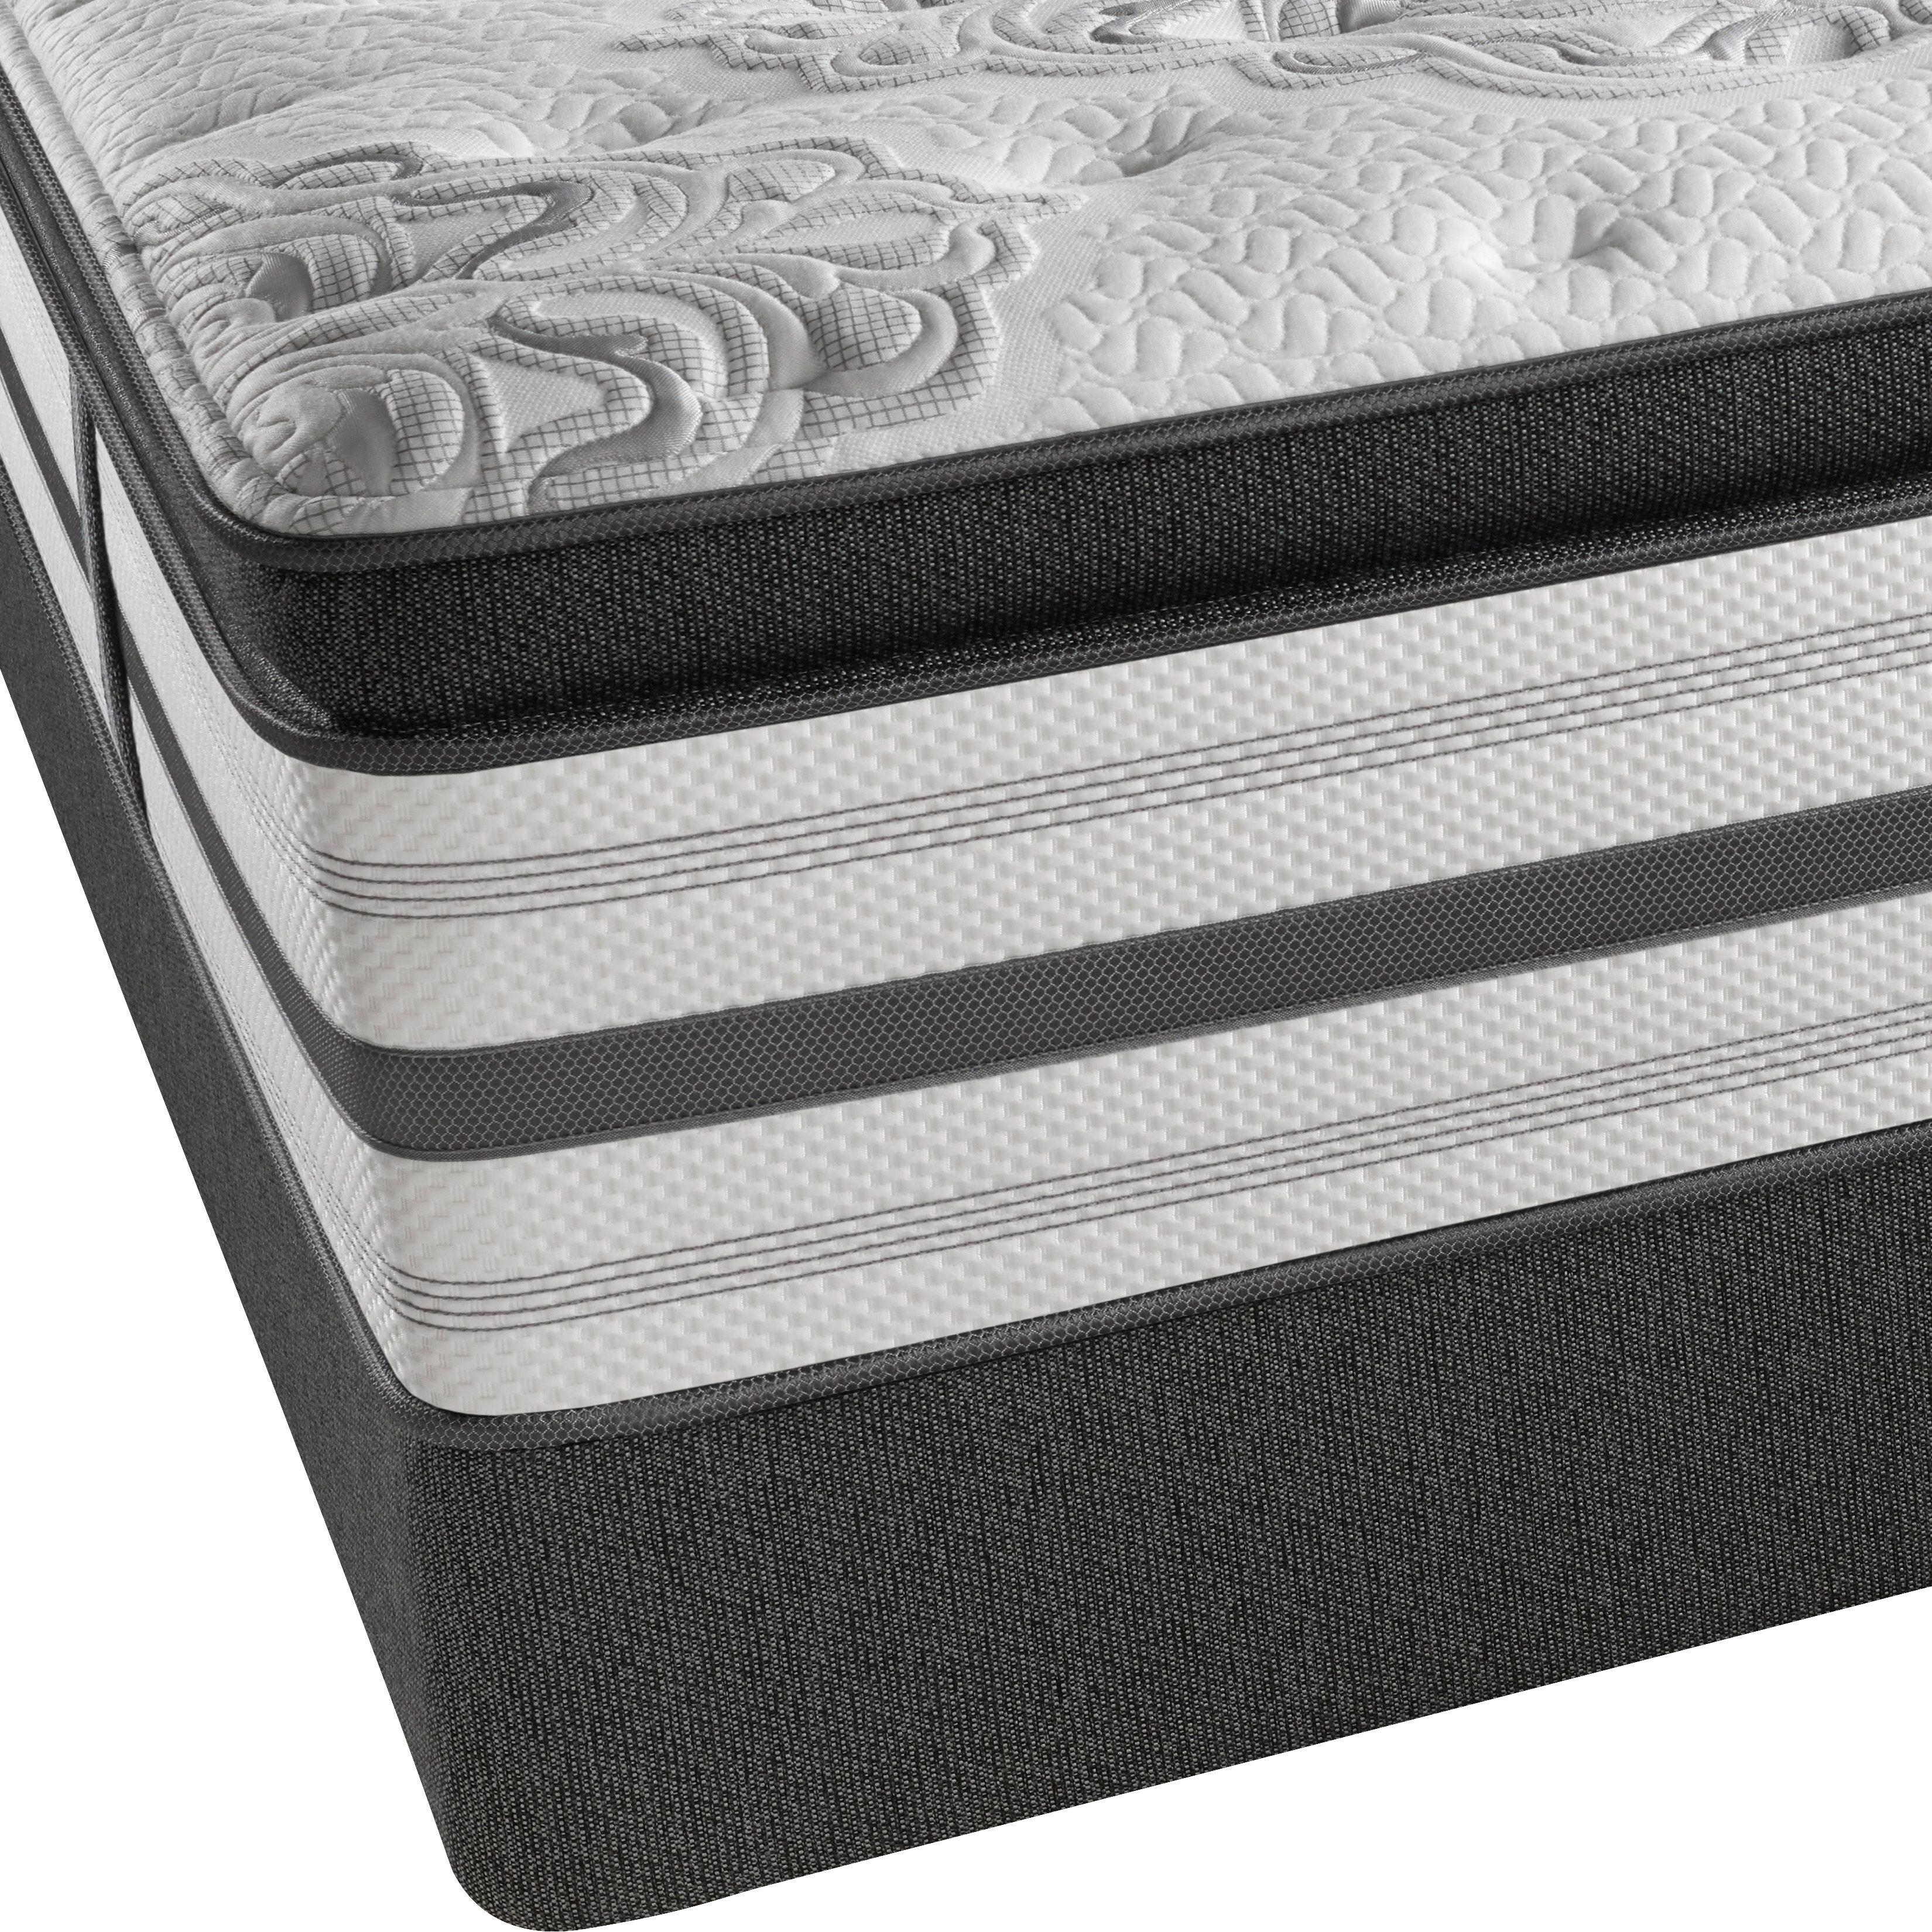 Simmons Beautyrest Platinum Columbus Luxury Firm Pillow Top